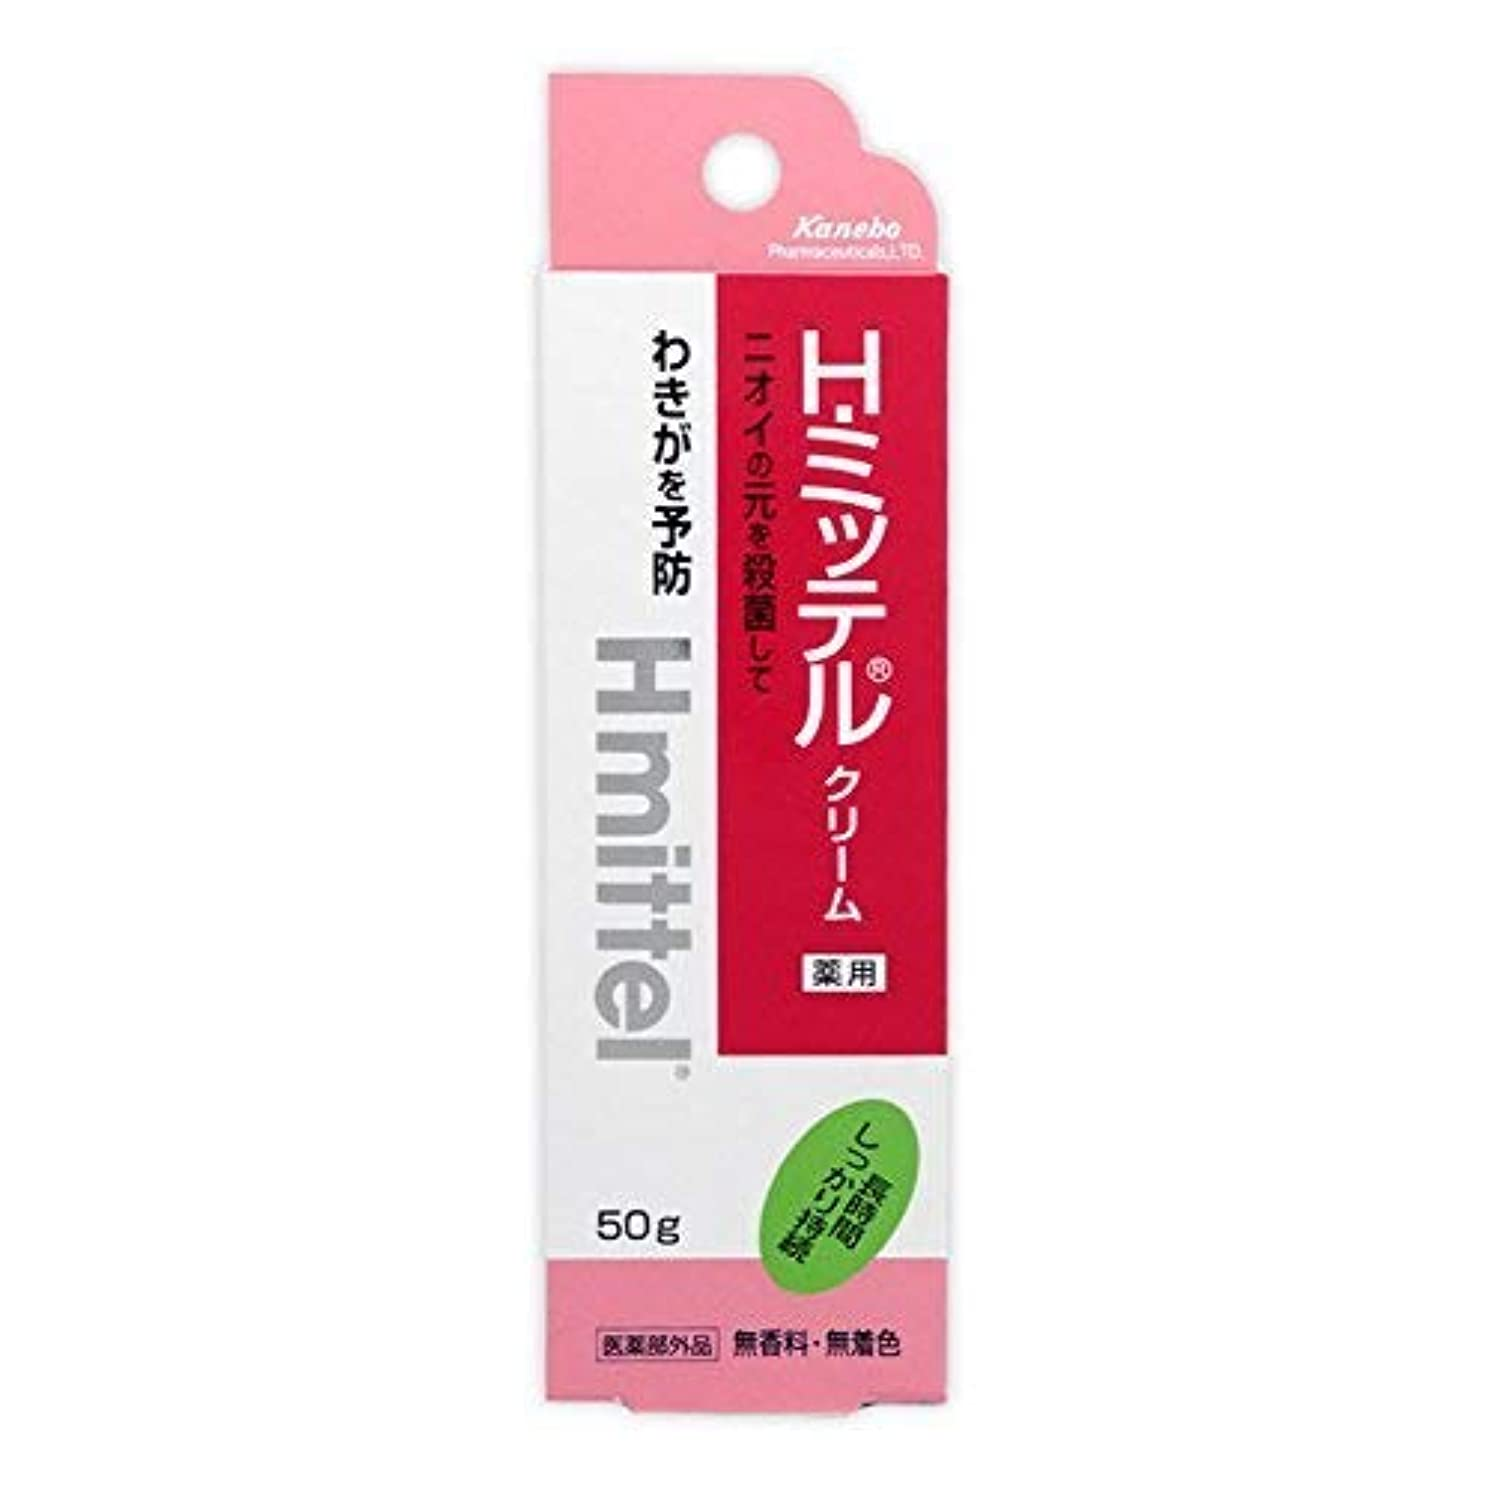 満了ケイ素バクテリア【クラシエ薬品】H?ミッテルクリーム 50g ×5個セット